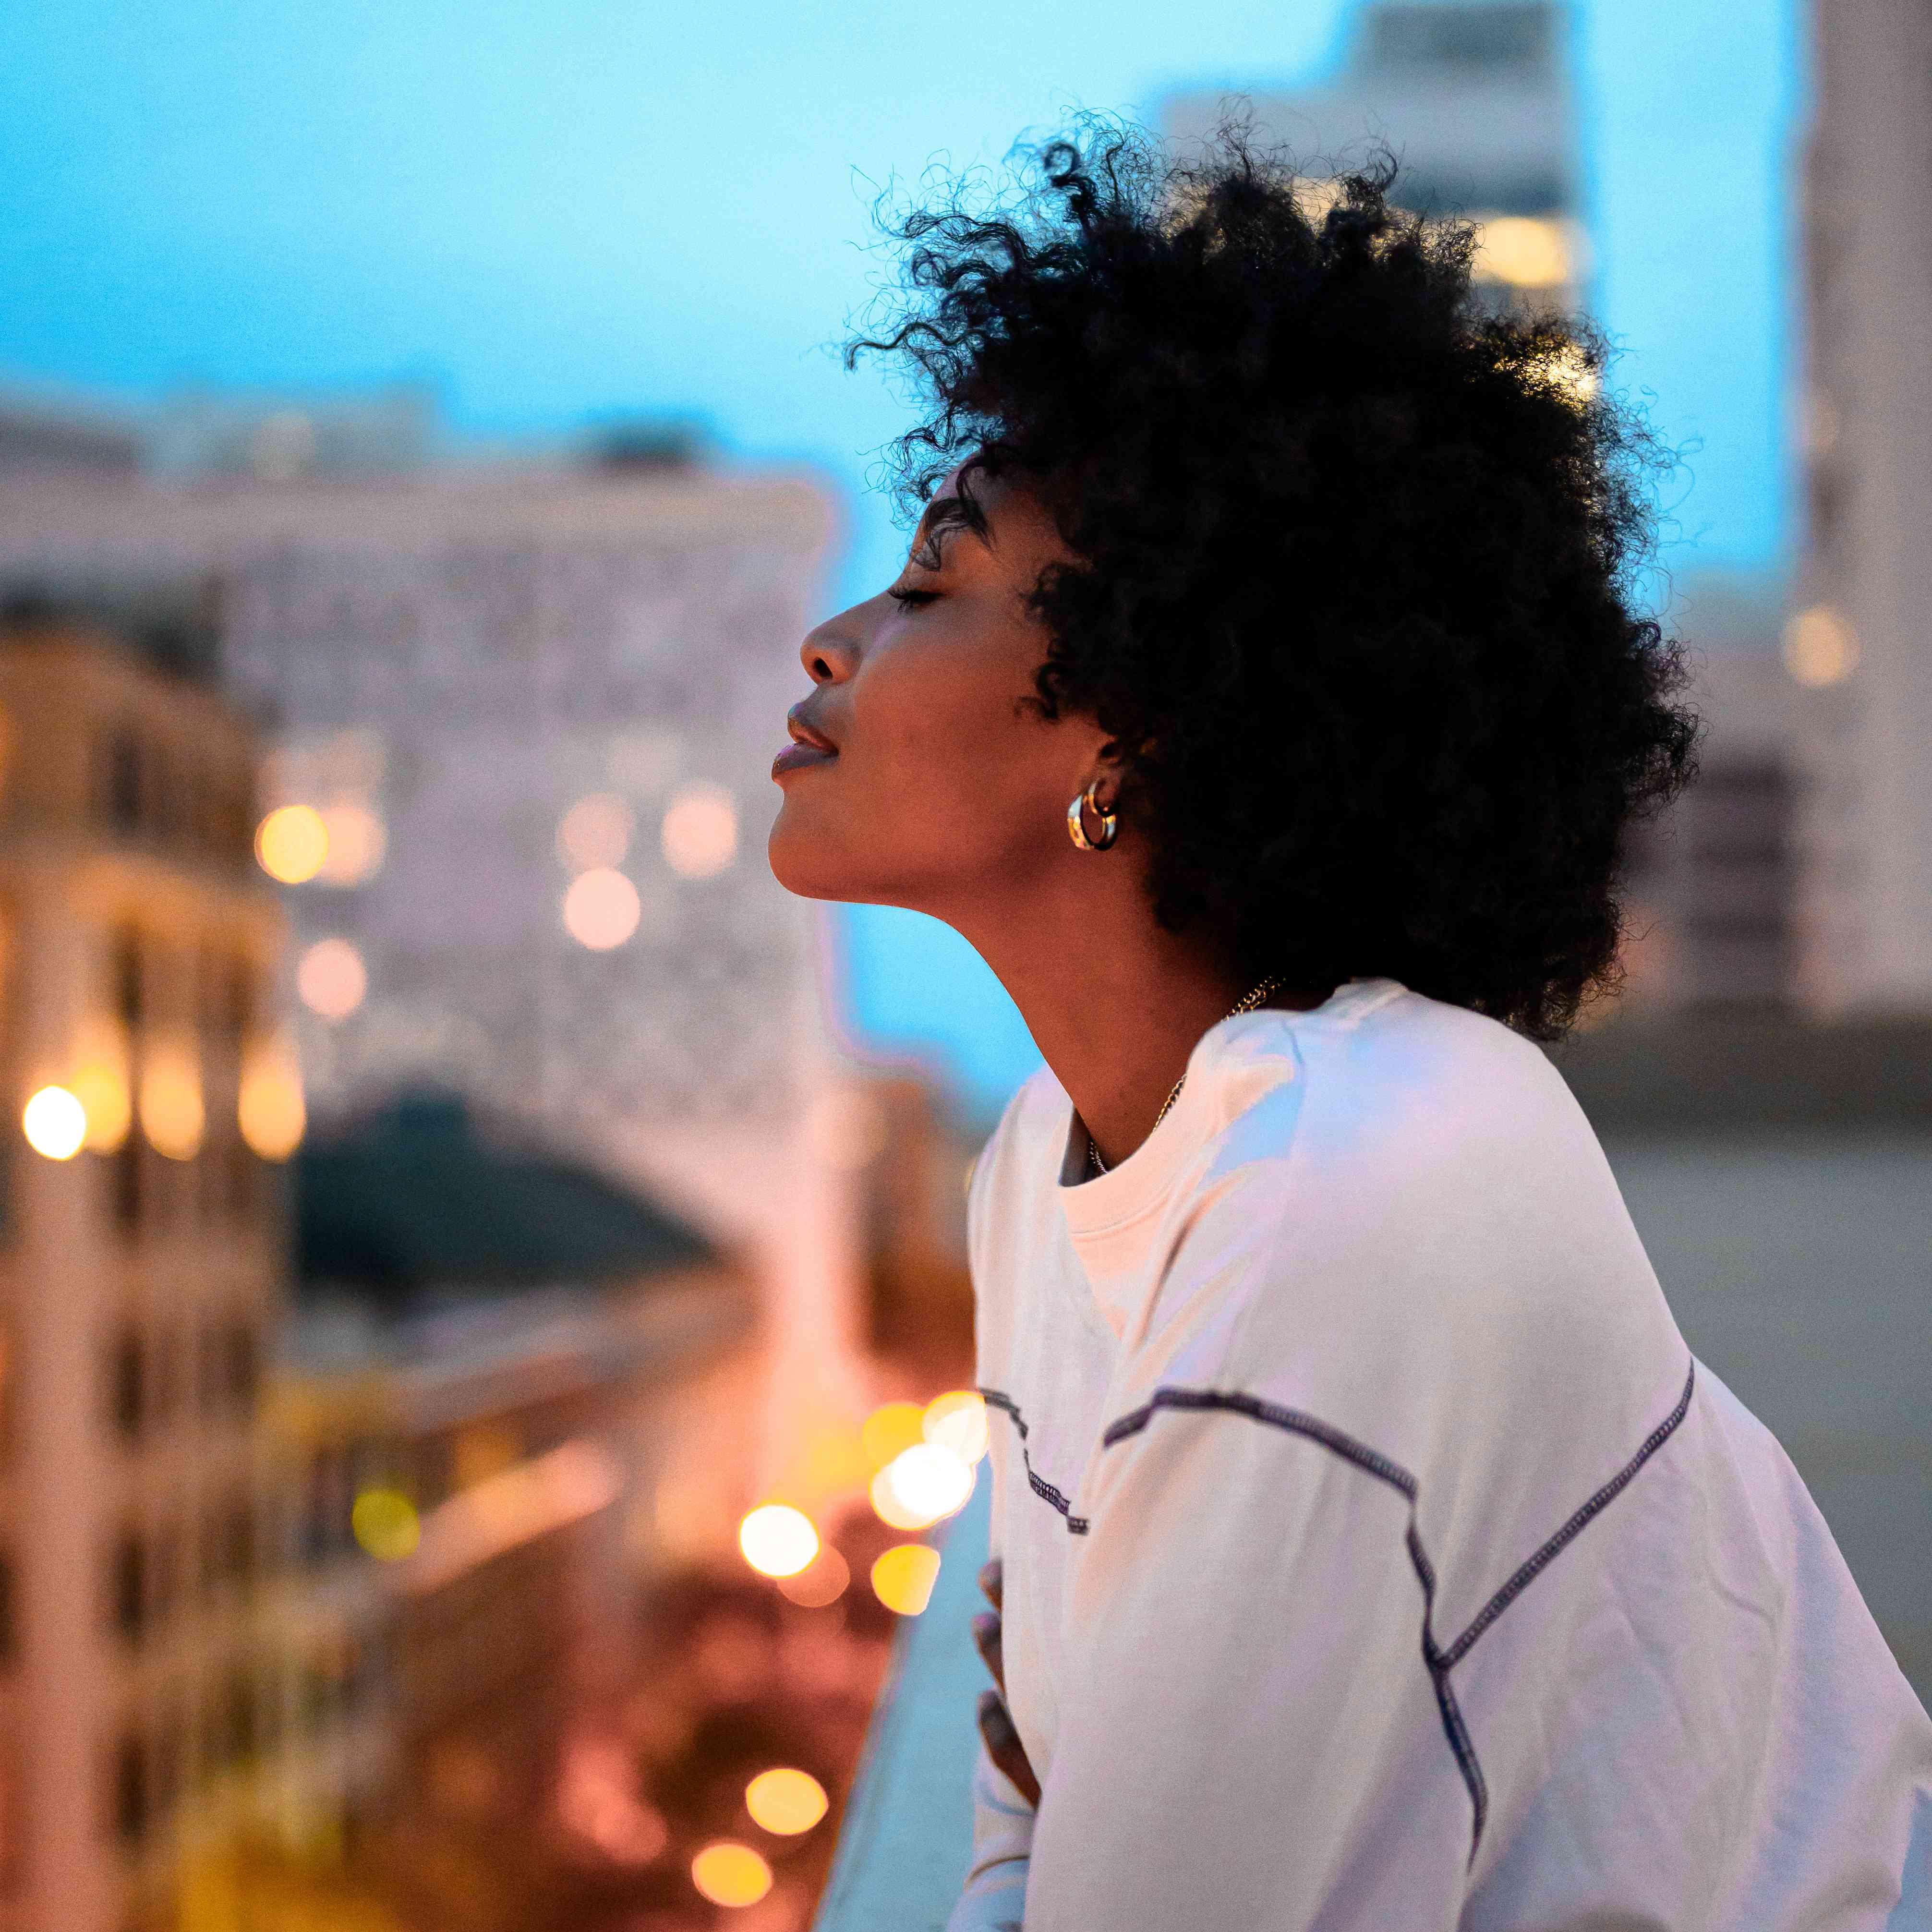 Mujer disfrutando de una brisa en un balcón